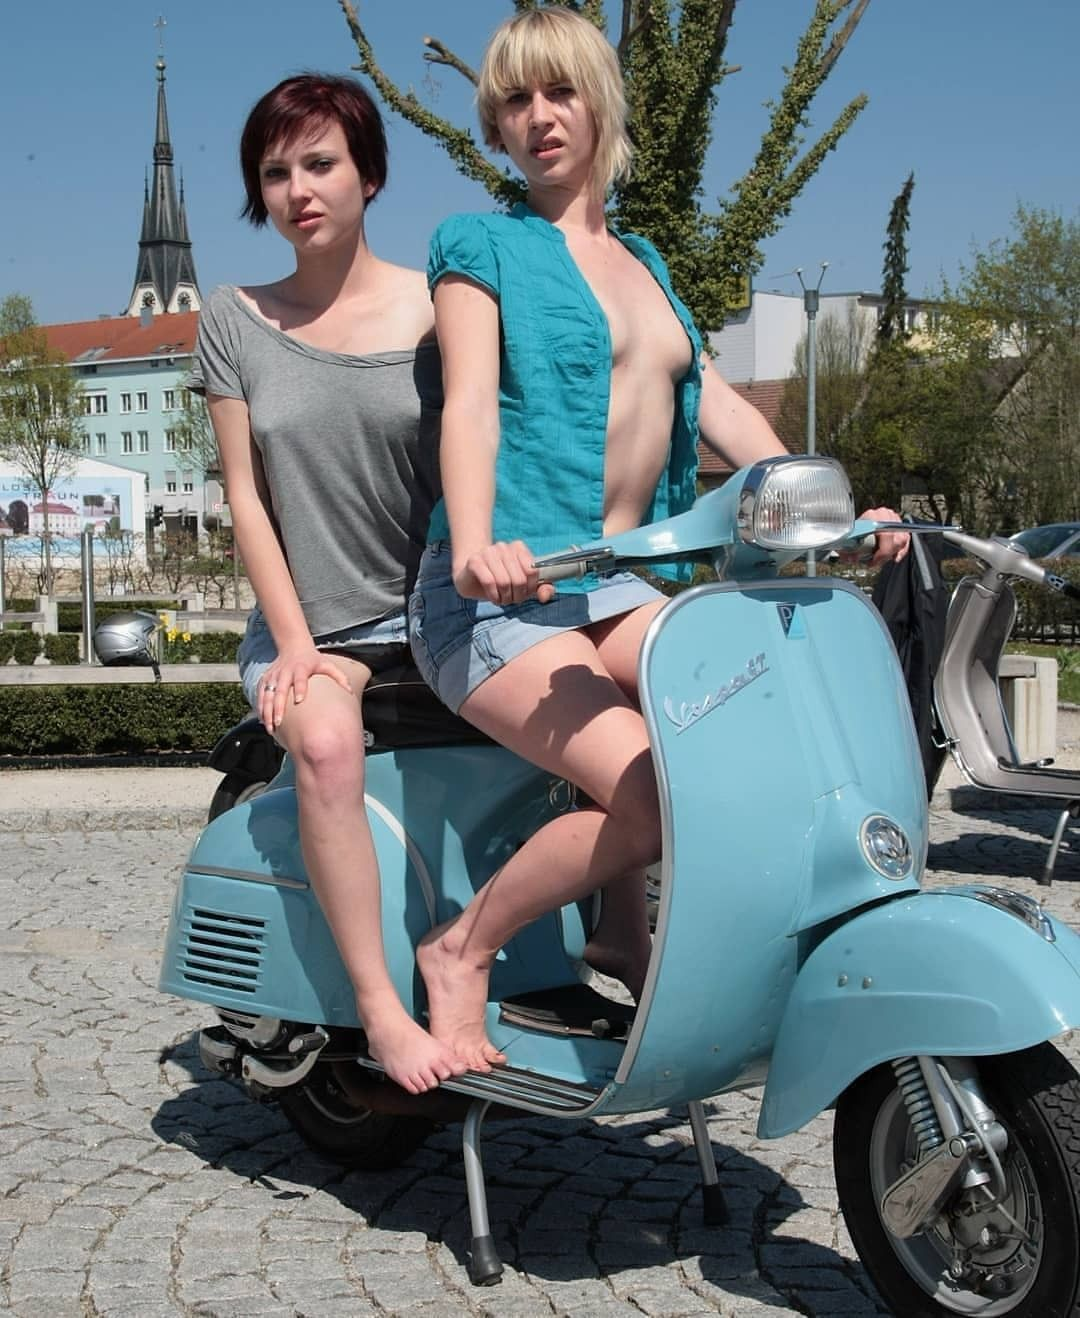 #Ladys #Lambretta #notitle #Vespa #ladys #Auto #design #